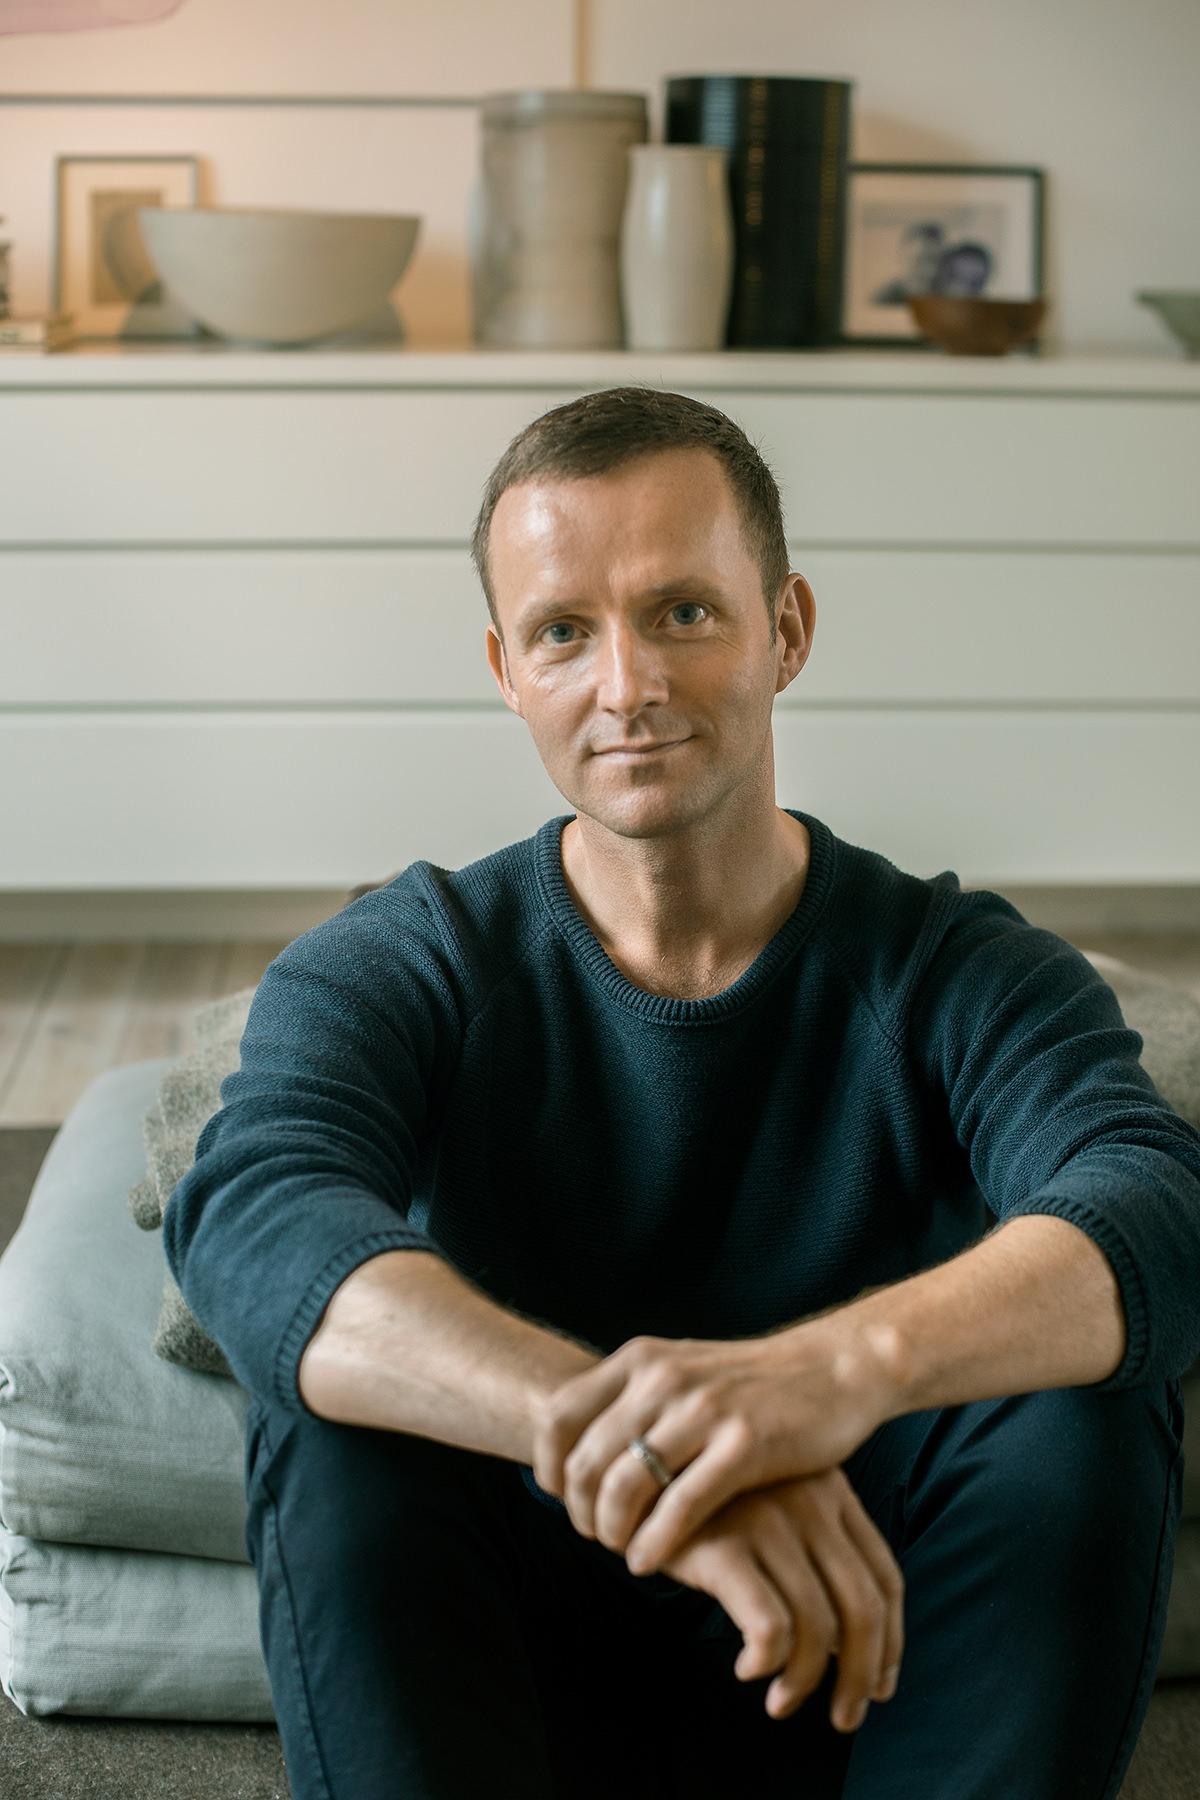 JYLLANDS POSTEN Designer portræt Lars Vejen 20170101 lvj